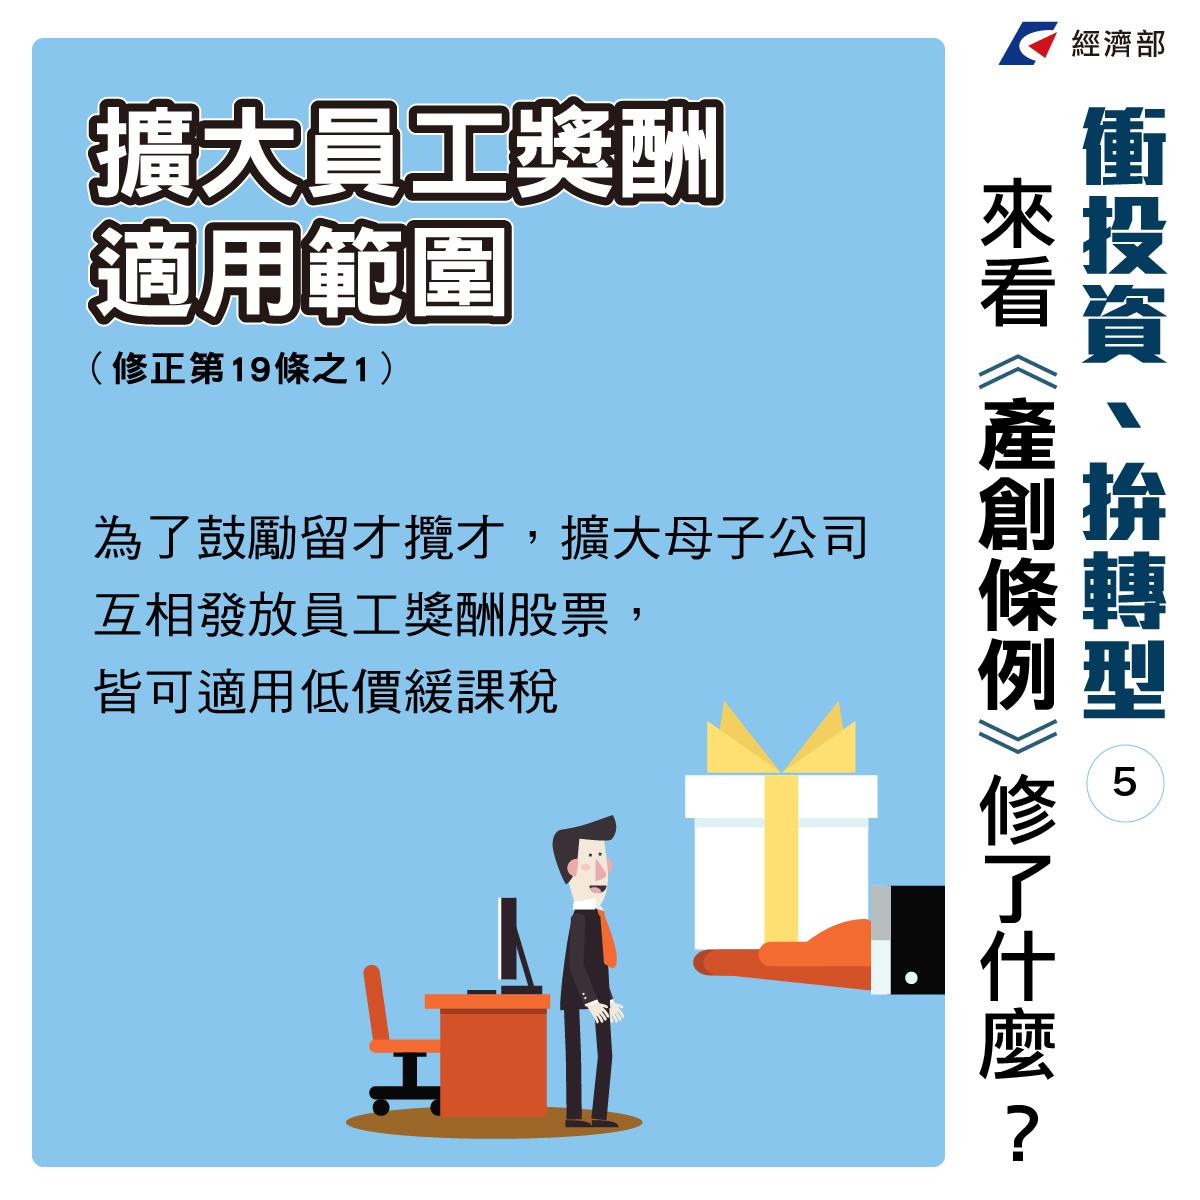 投資大爆發,台灣大賺錢 《產業創新條例》修法通過